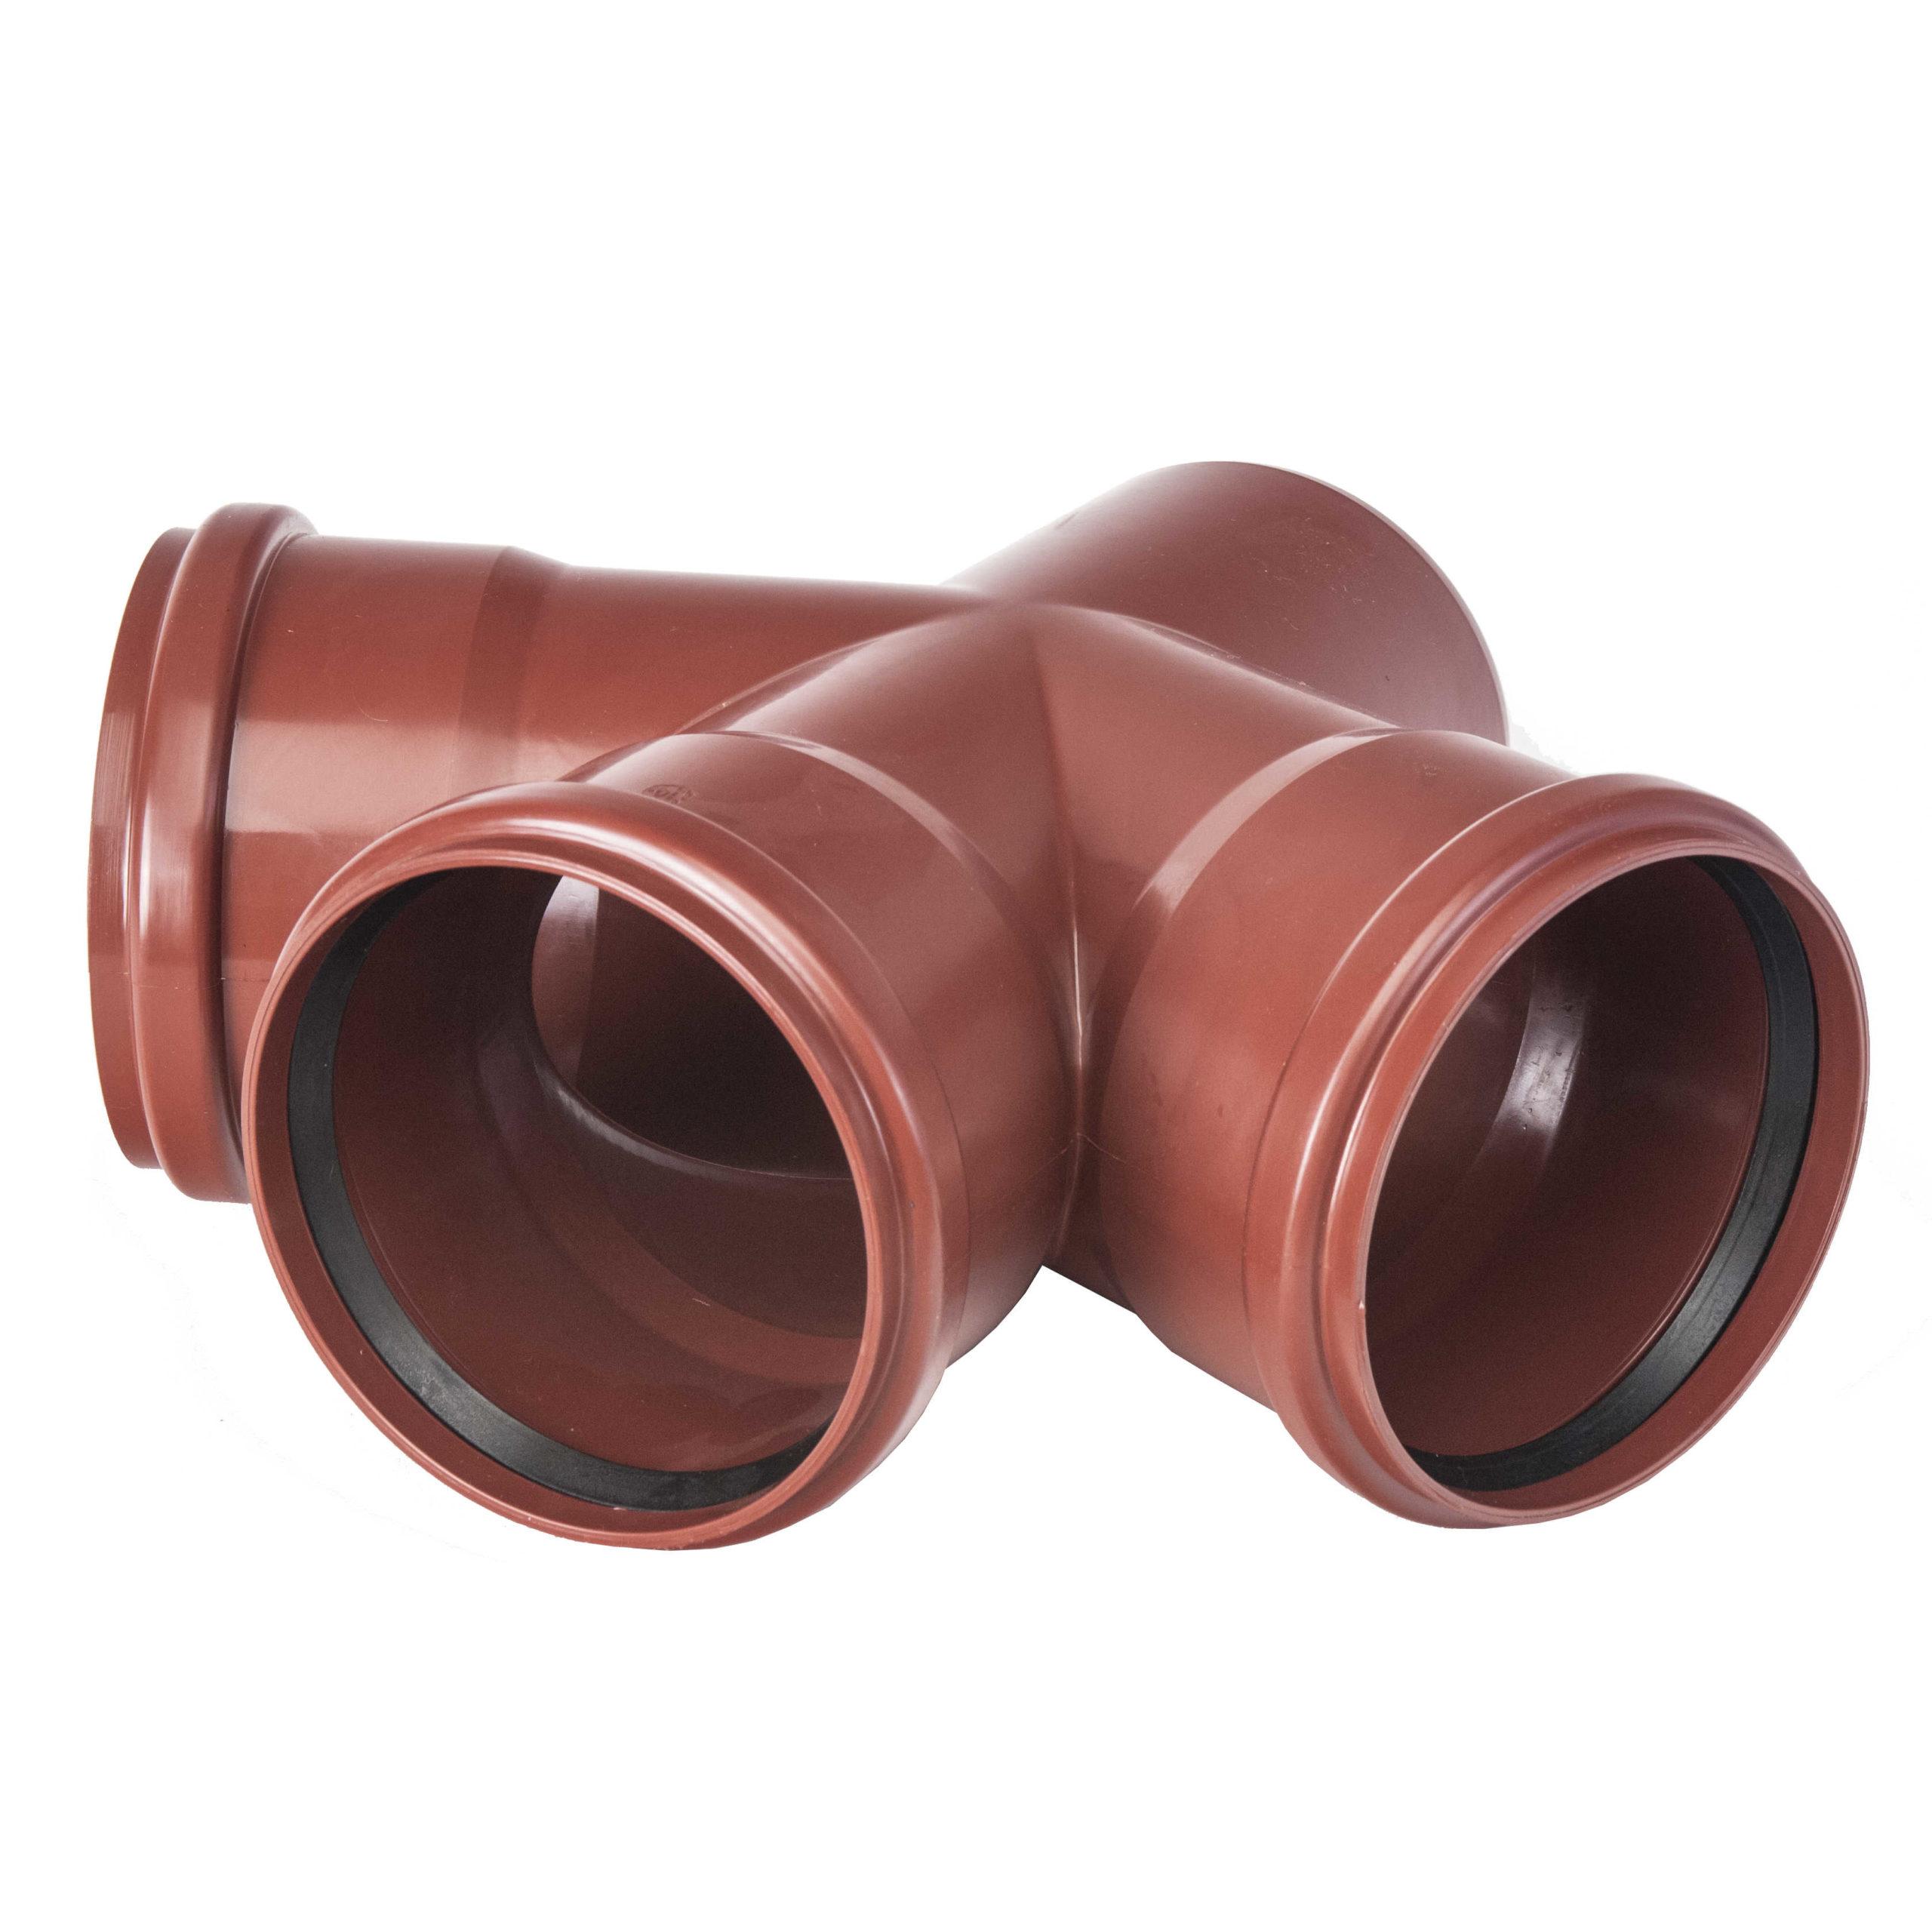 Система шумопоглощающей канализации Master 3 Plus фото 6